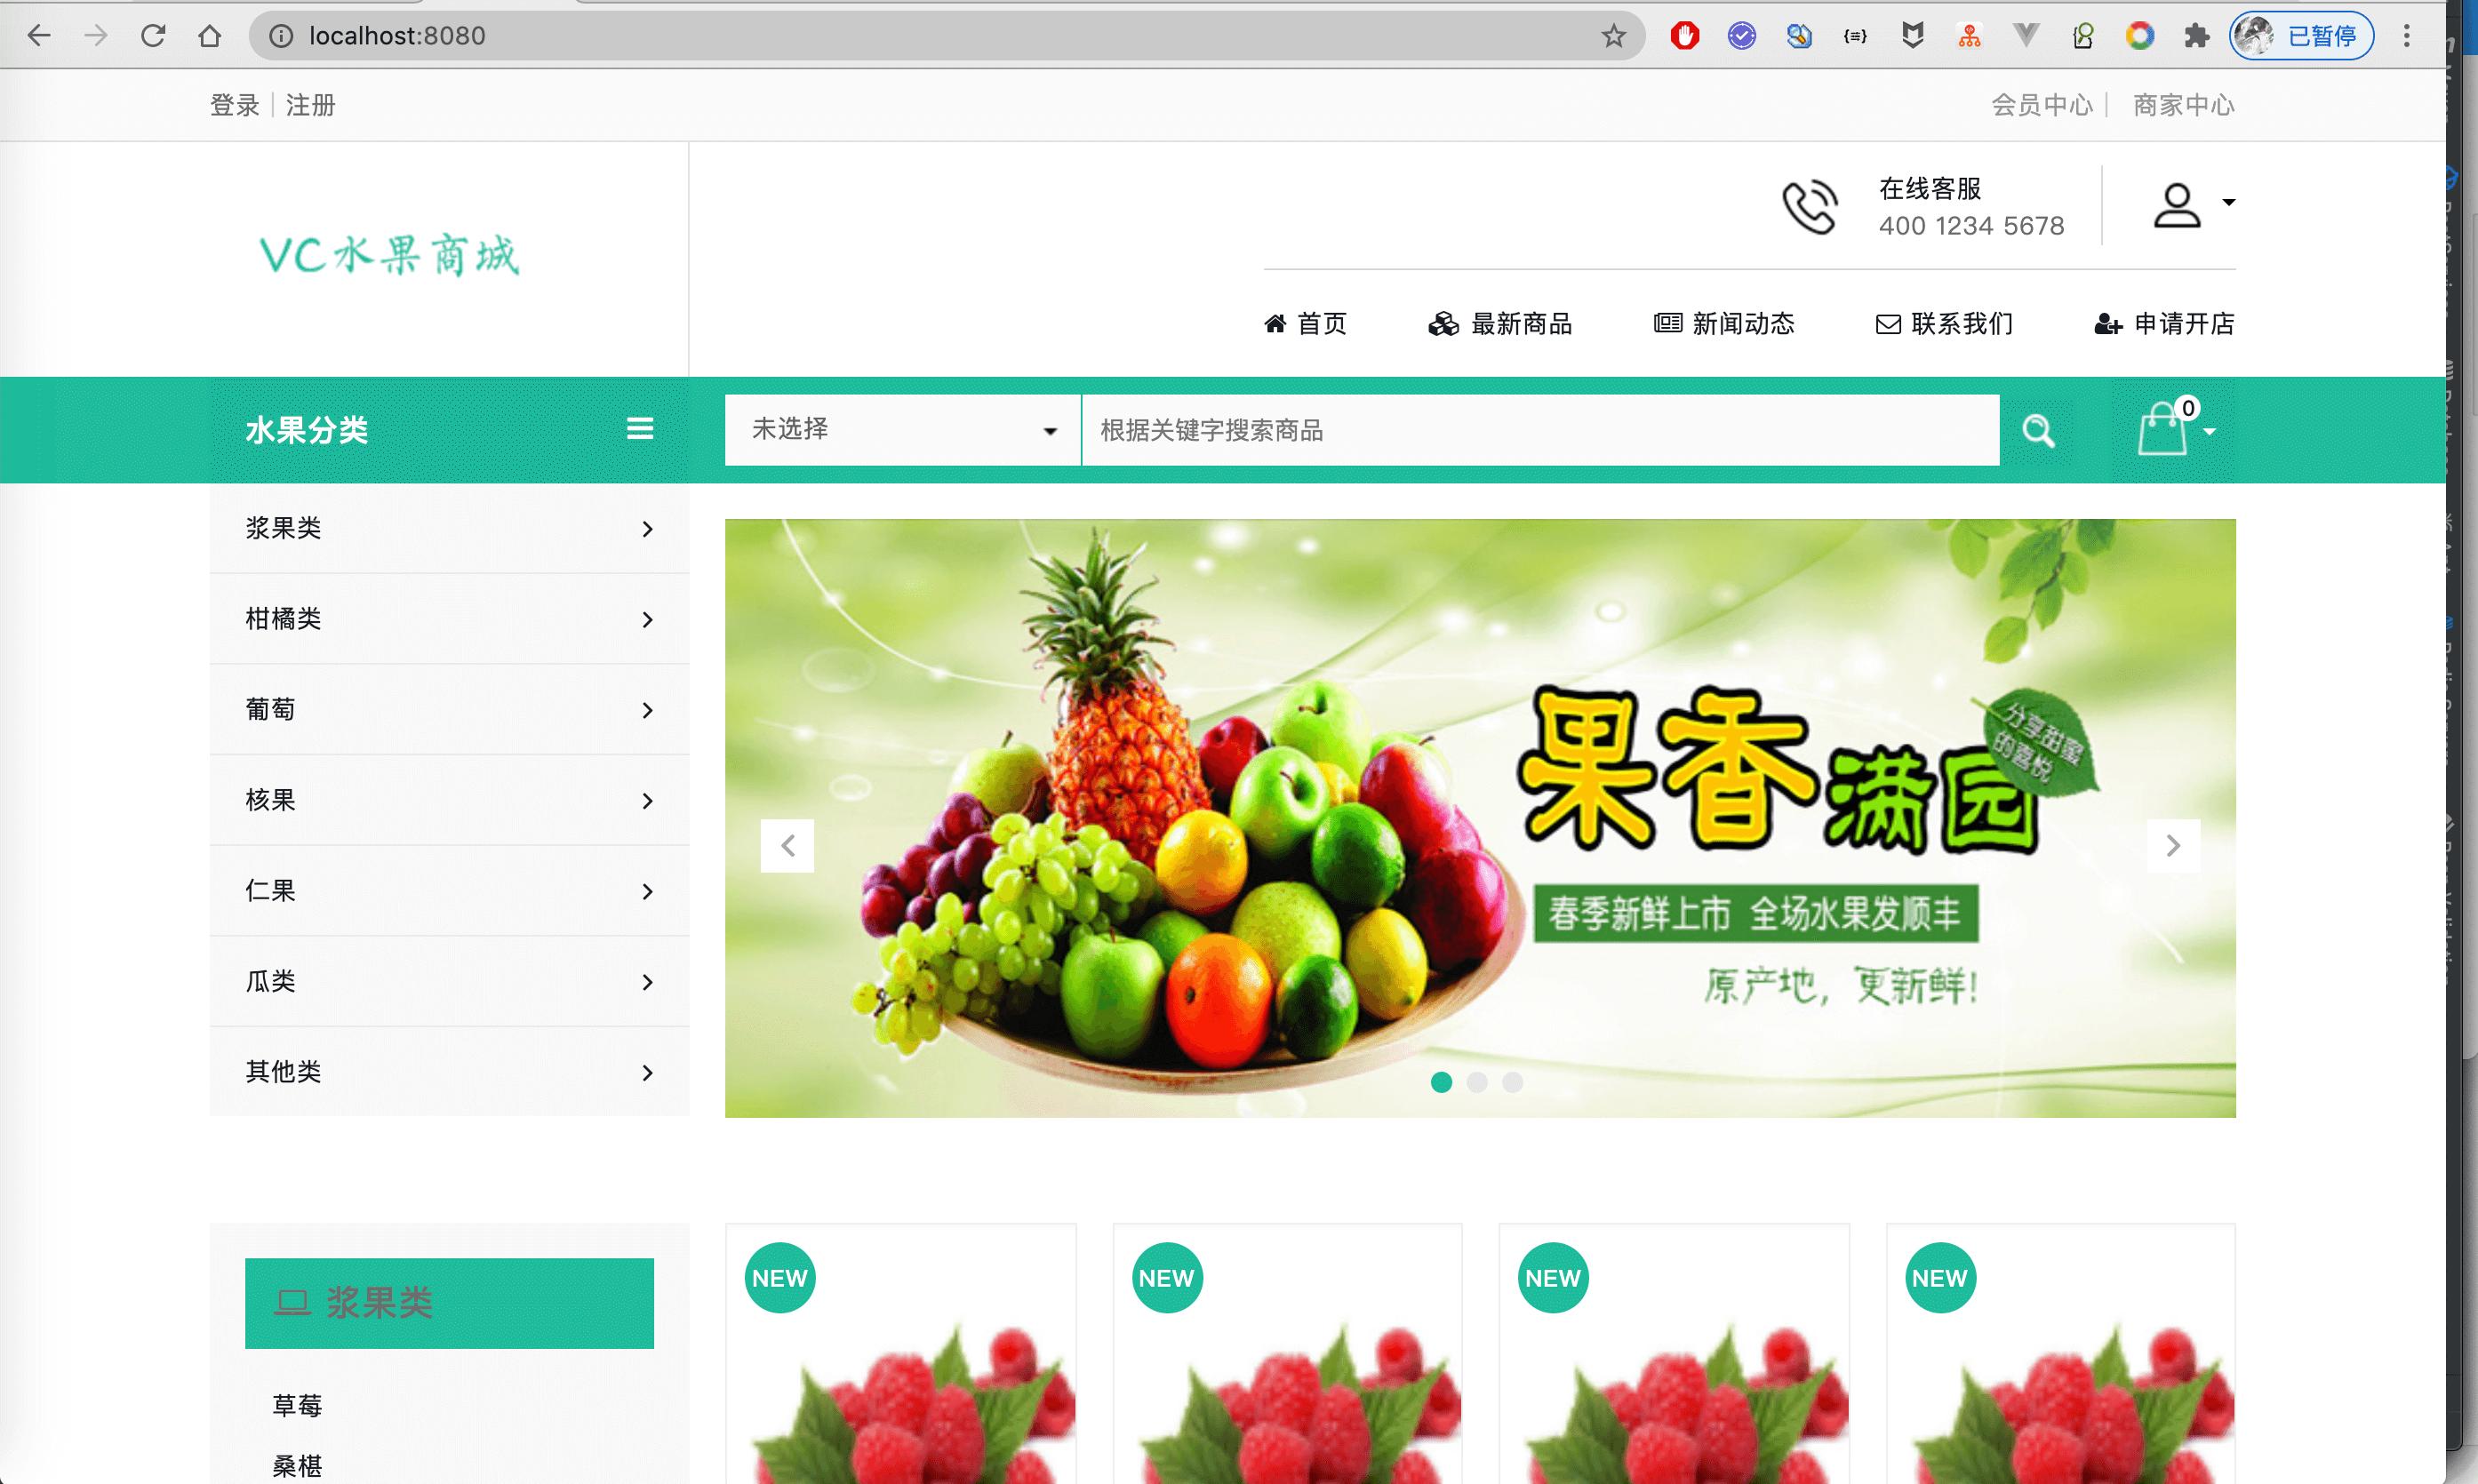 2021原创 SpringBoot 的C2C水果商城系统